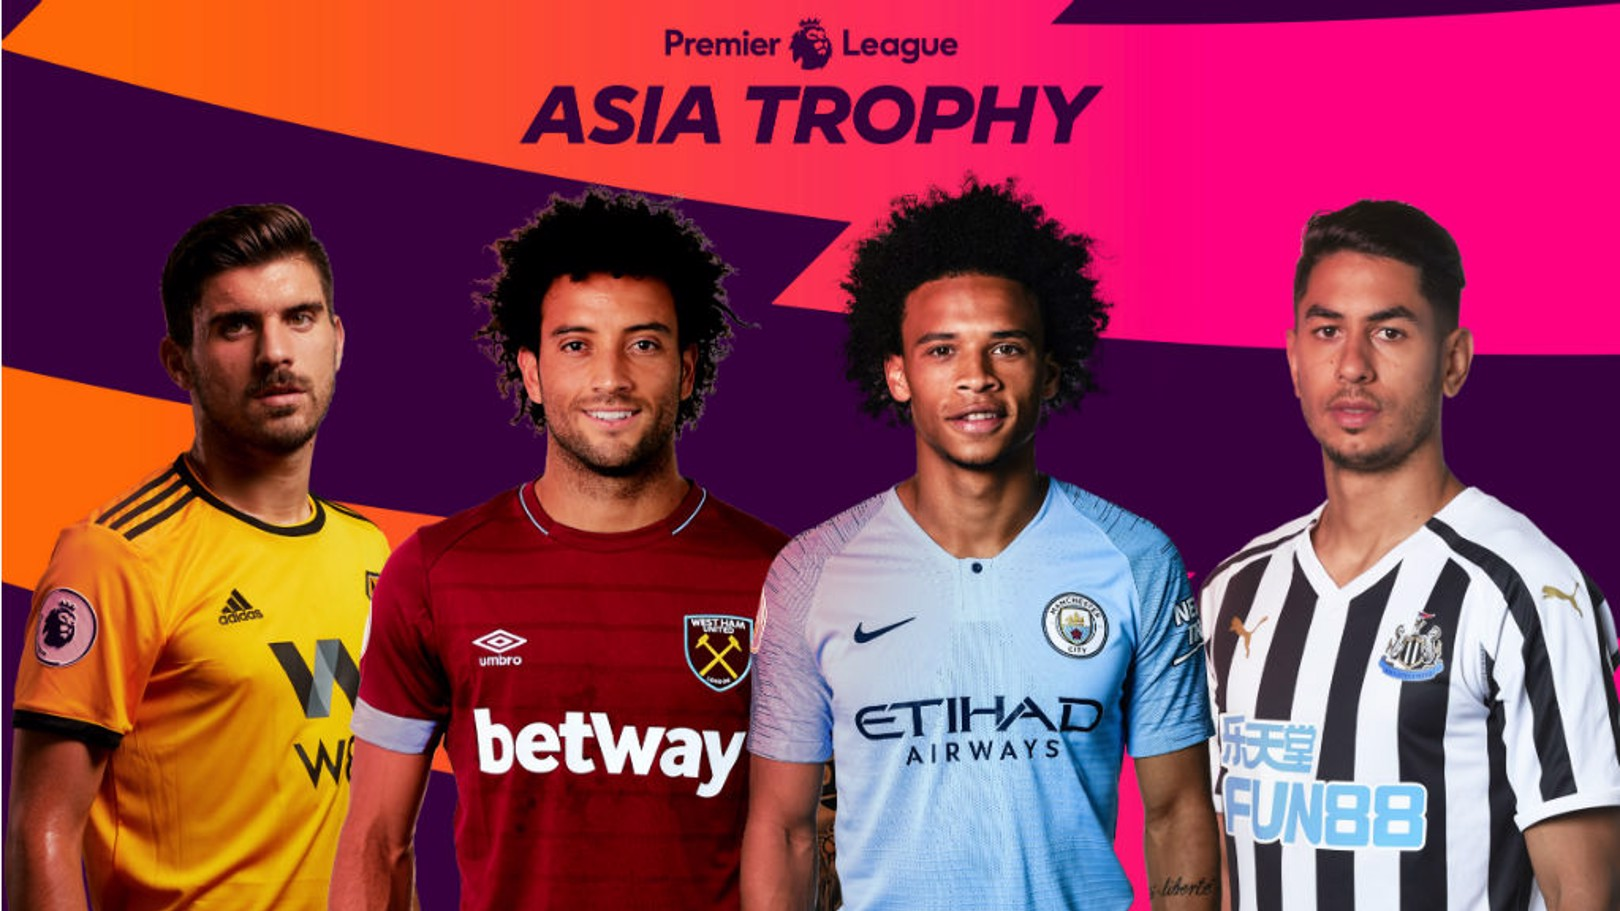 City annonce des matches de présaison en Chine